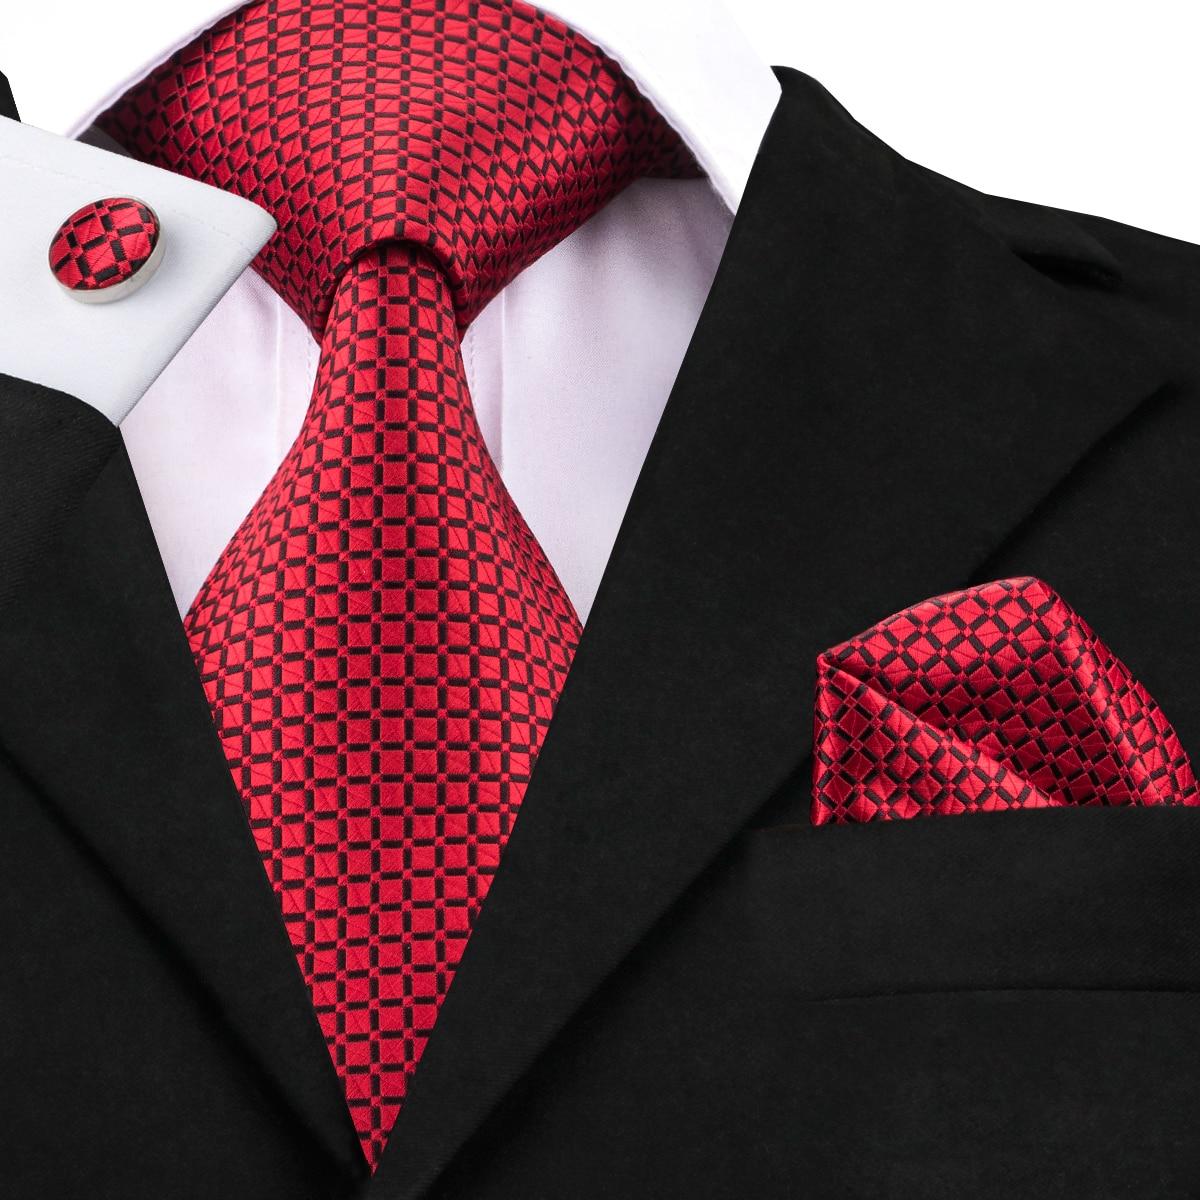 Hi-Tie Classic Plaid Ties For Men Luxury Red Silk Mens Ties Set Necktie Handkerchief Cufflinks For Wedding Party Business C-1573